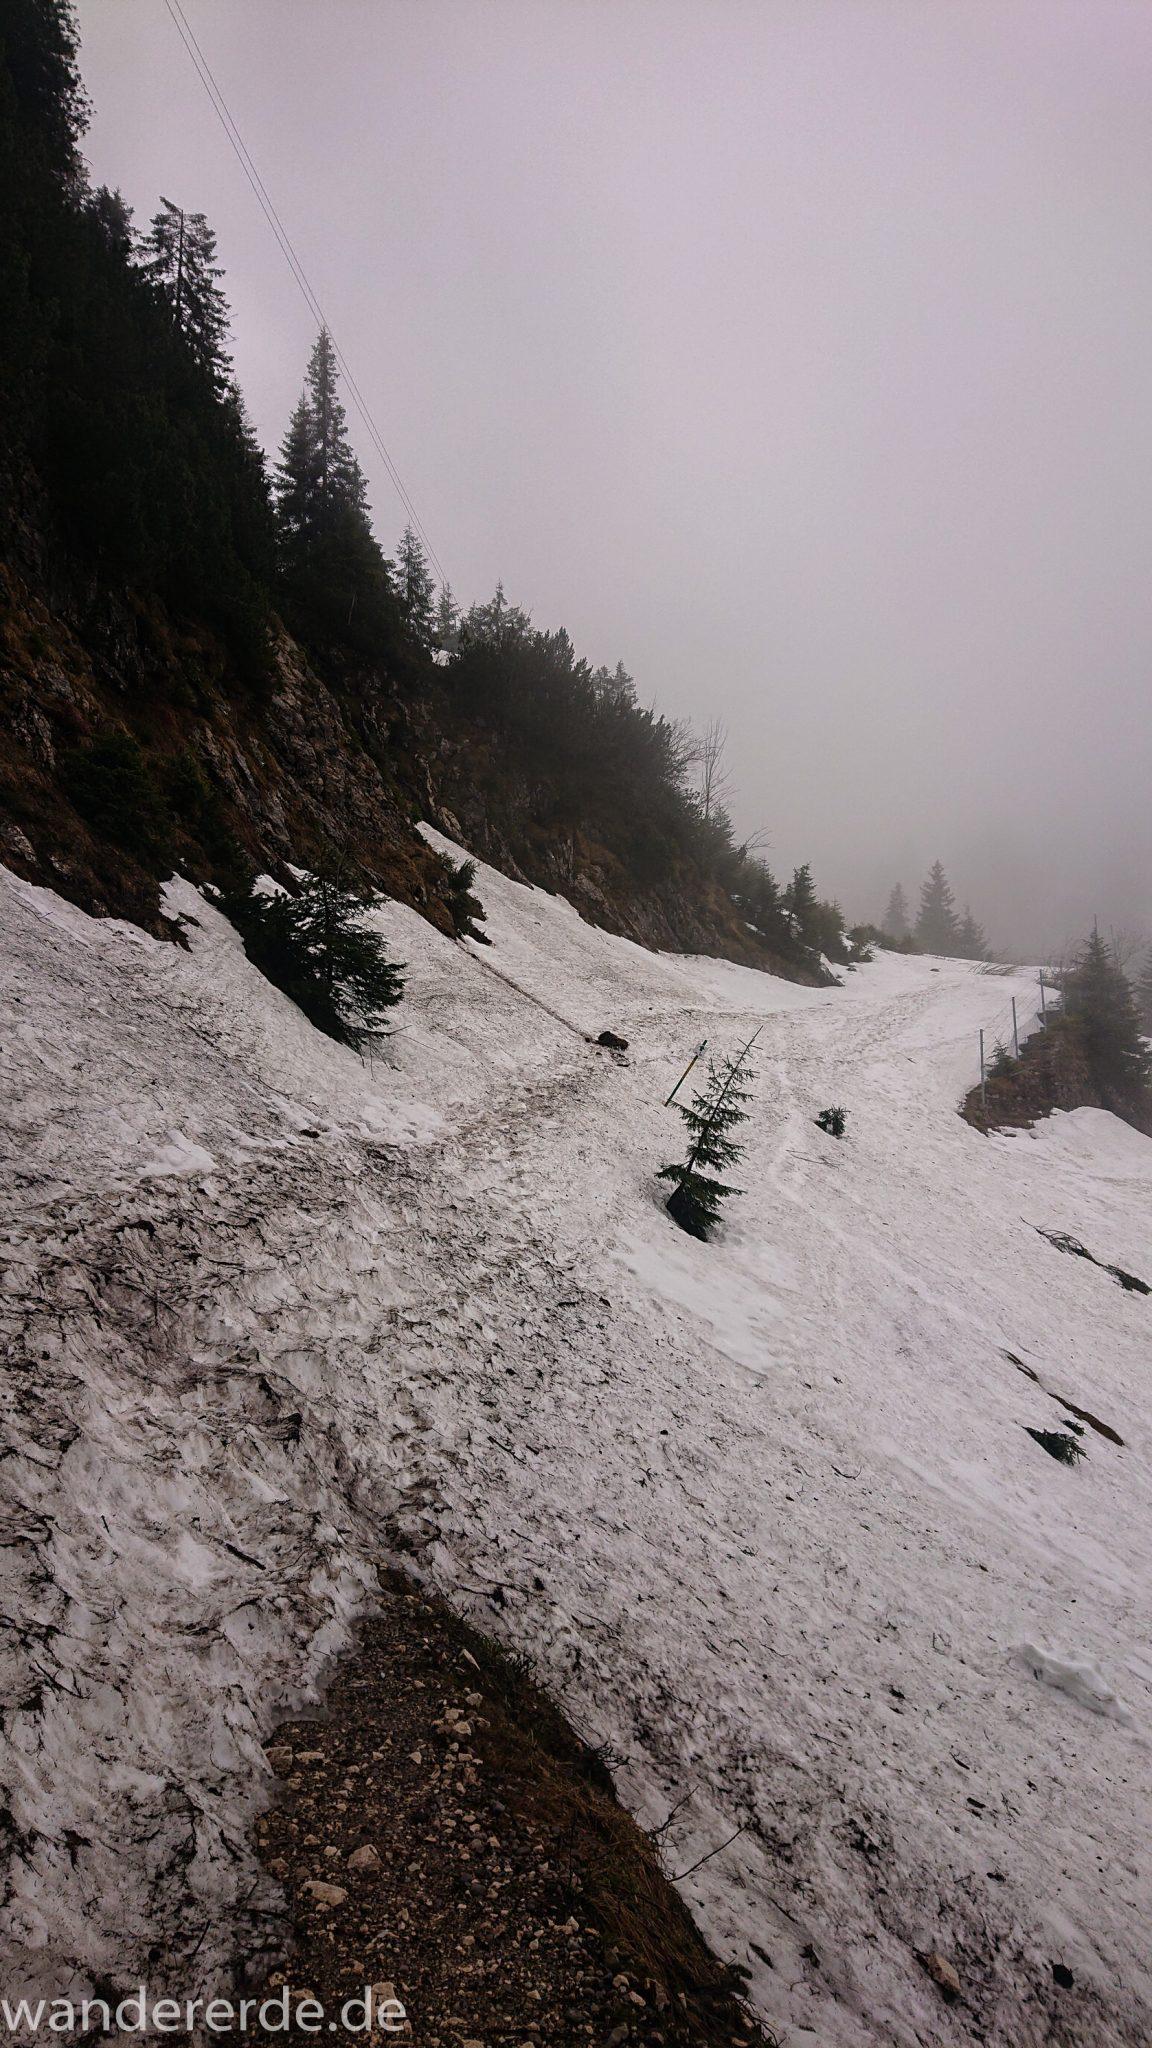 Wandern beim Tegelberg, Tegelbergkopf Wanderung bei Stadt Füssen – Parkplatz Drehhütte bis Rohrkopfhütte, Wanderweg steil bergauf zum Tegelberg, wolkig, tolle Atmosphäre, Schneefeld verhindert weiteres wandern, nicht auszumachen wie weit Schnee liegt und wo der Weg hin führt